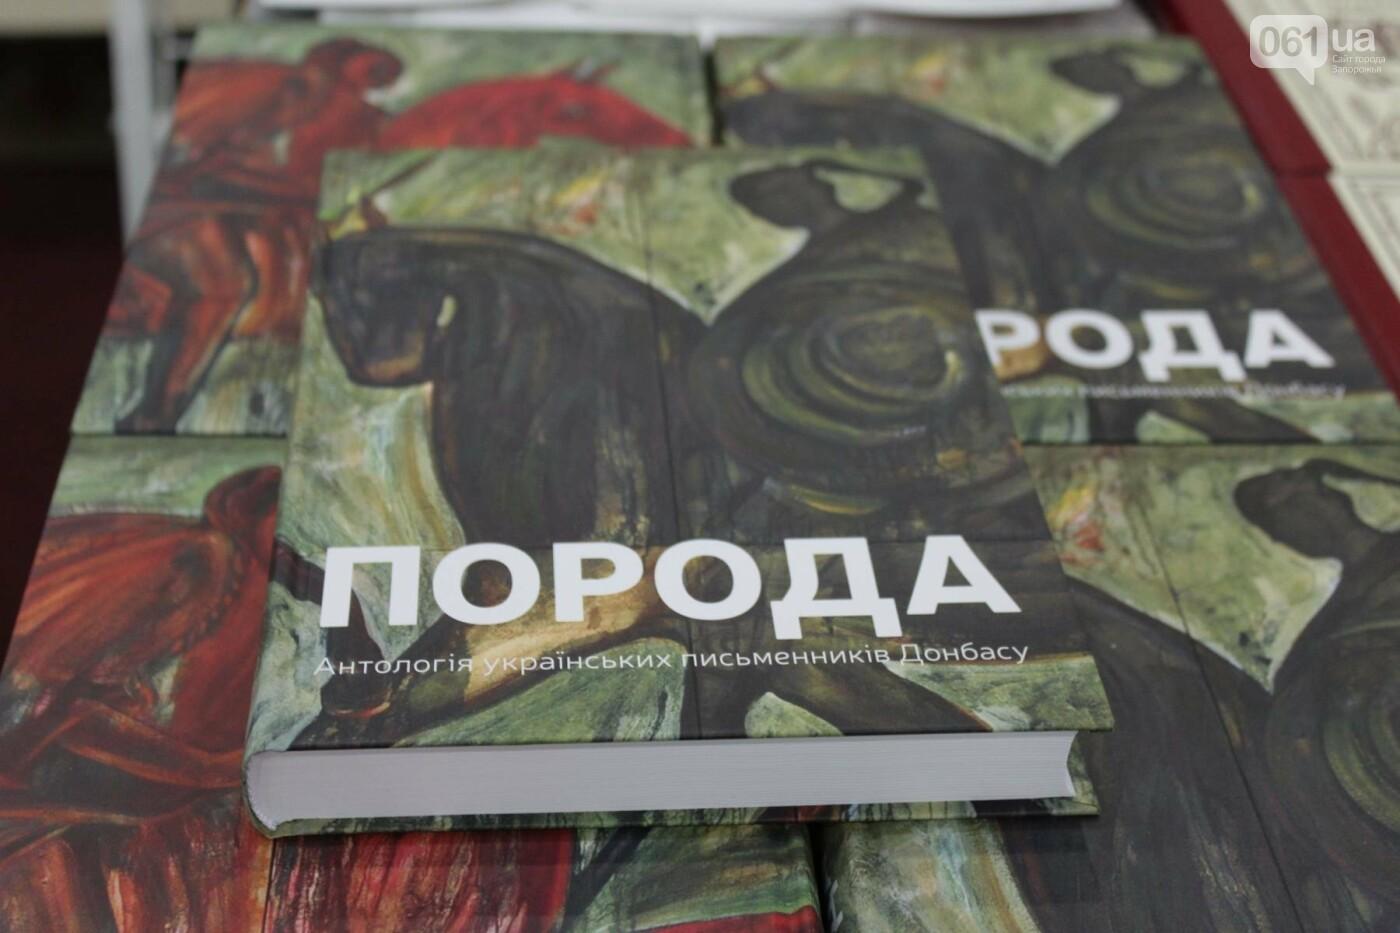 Как это было: Запорожская книжная толока в 70 фотографиях , фото-27